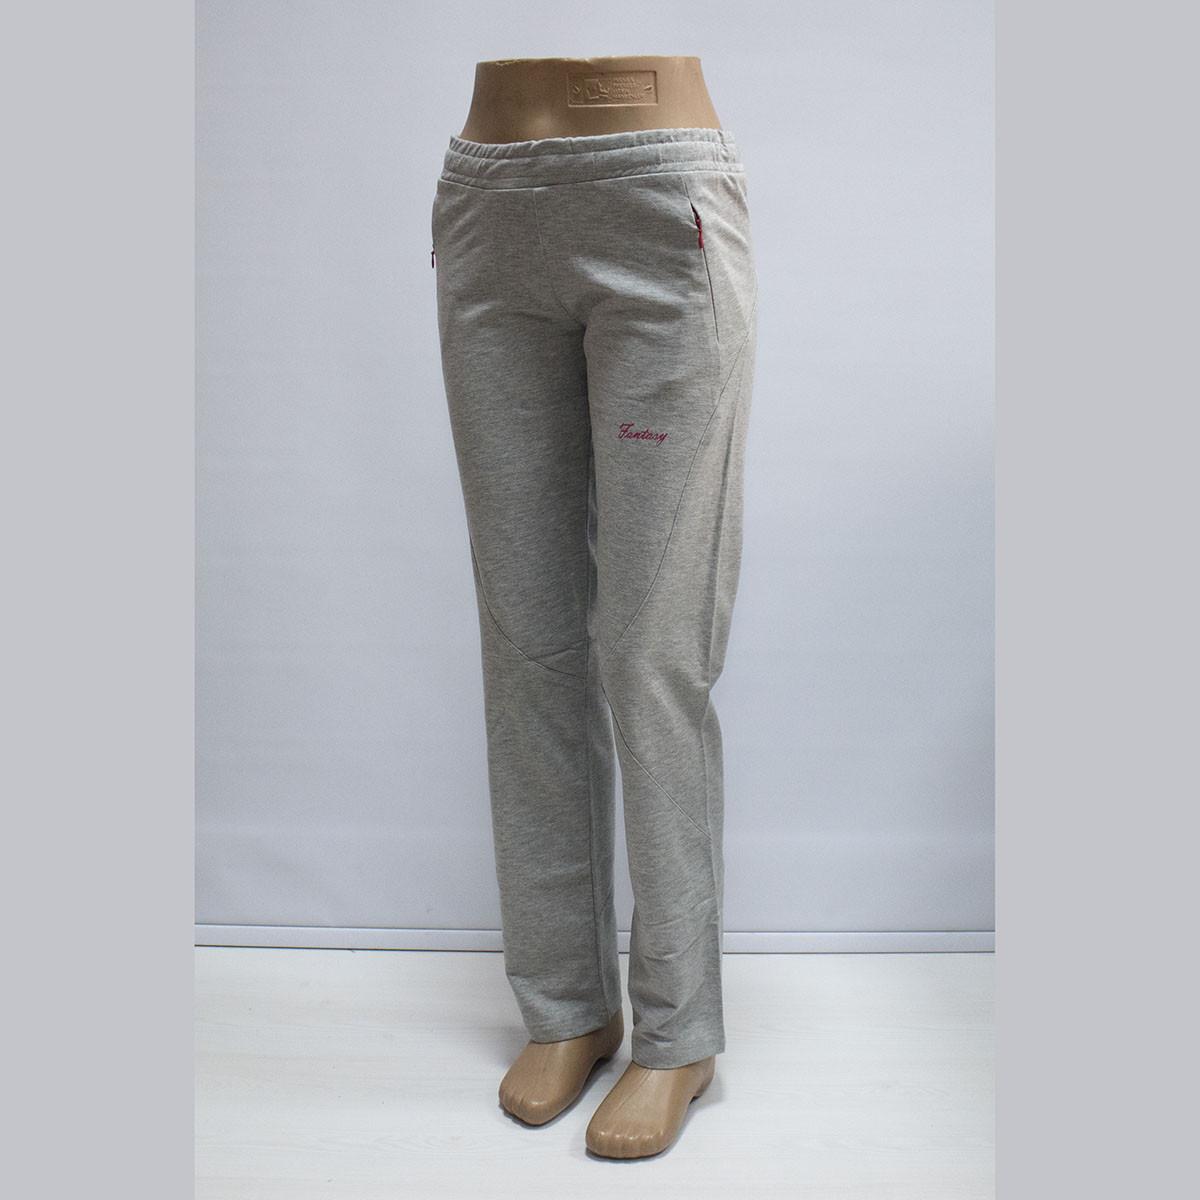 Женские спортивные штаны трикотаж фабрика Турция 19407